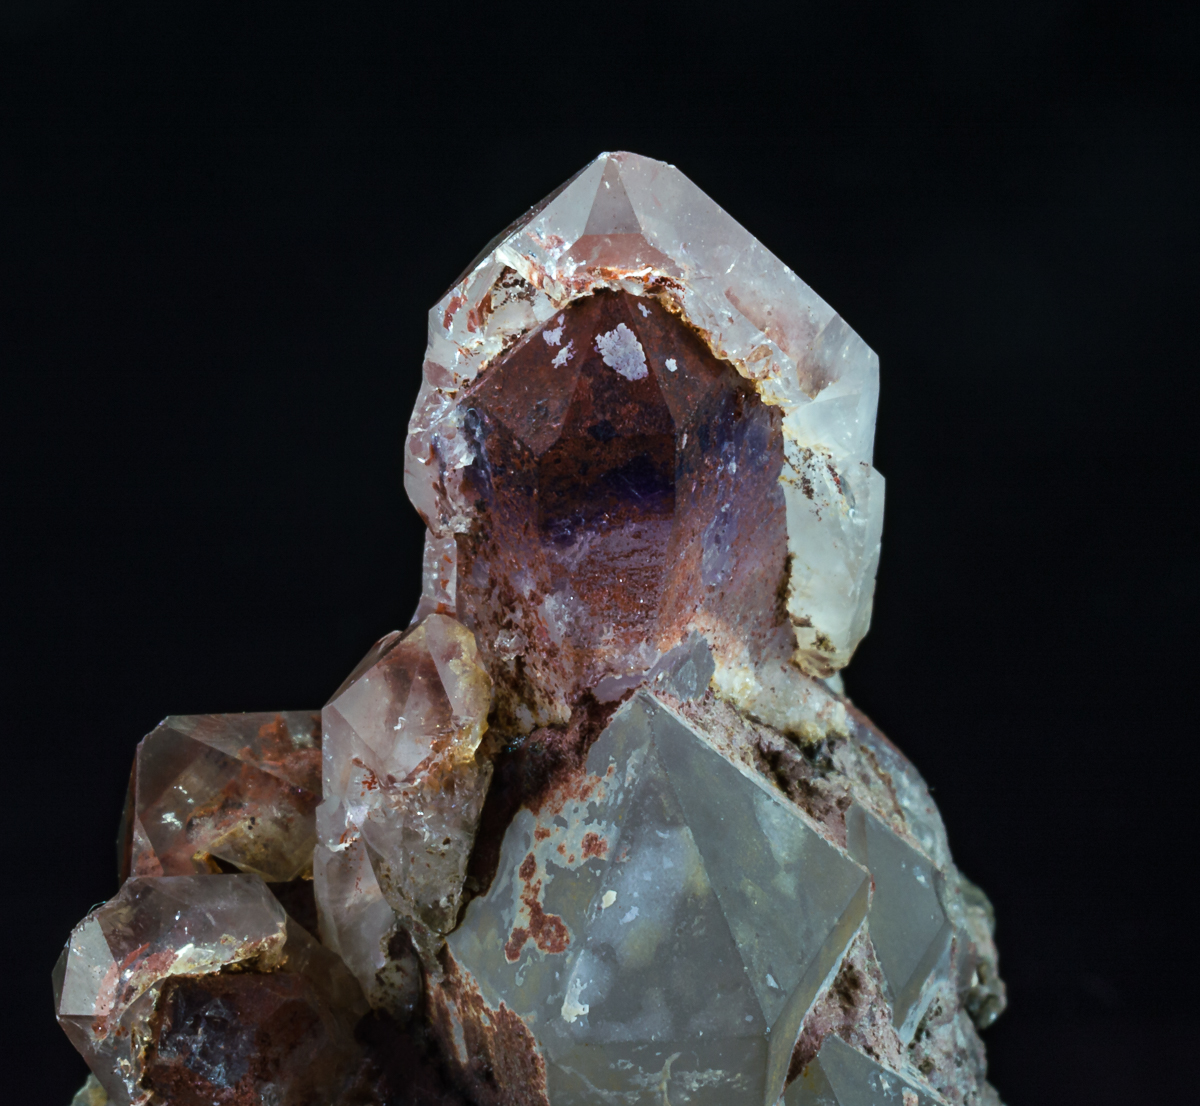 Quartz With Hematite Inclusions